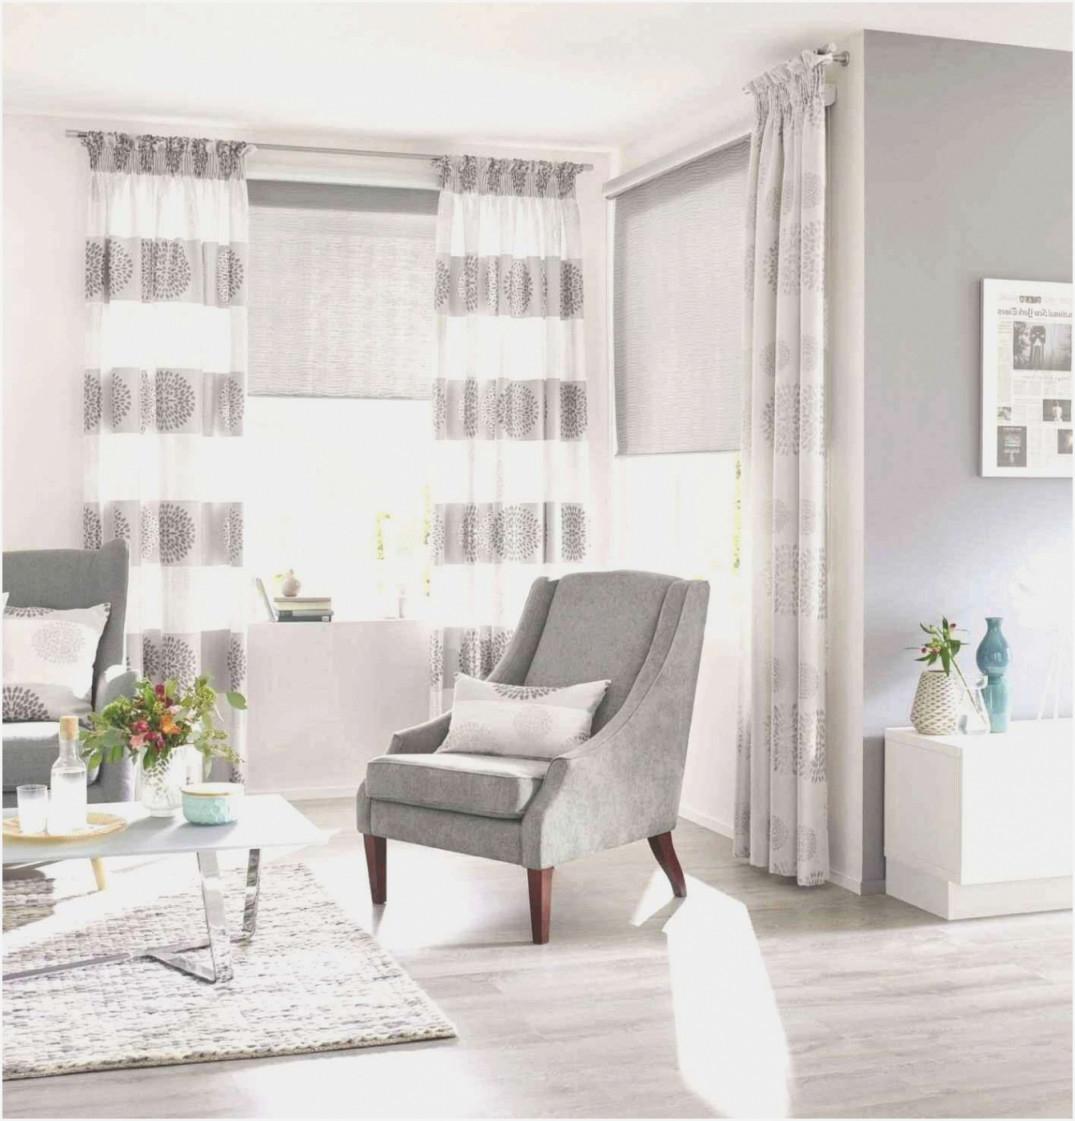 Gardinen Esszimmer Rustikal – Caseconrad von Gardinen Set Wohnzimmer Modern Photo